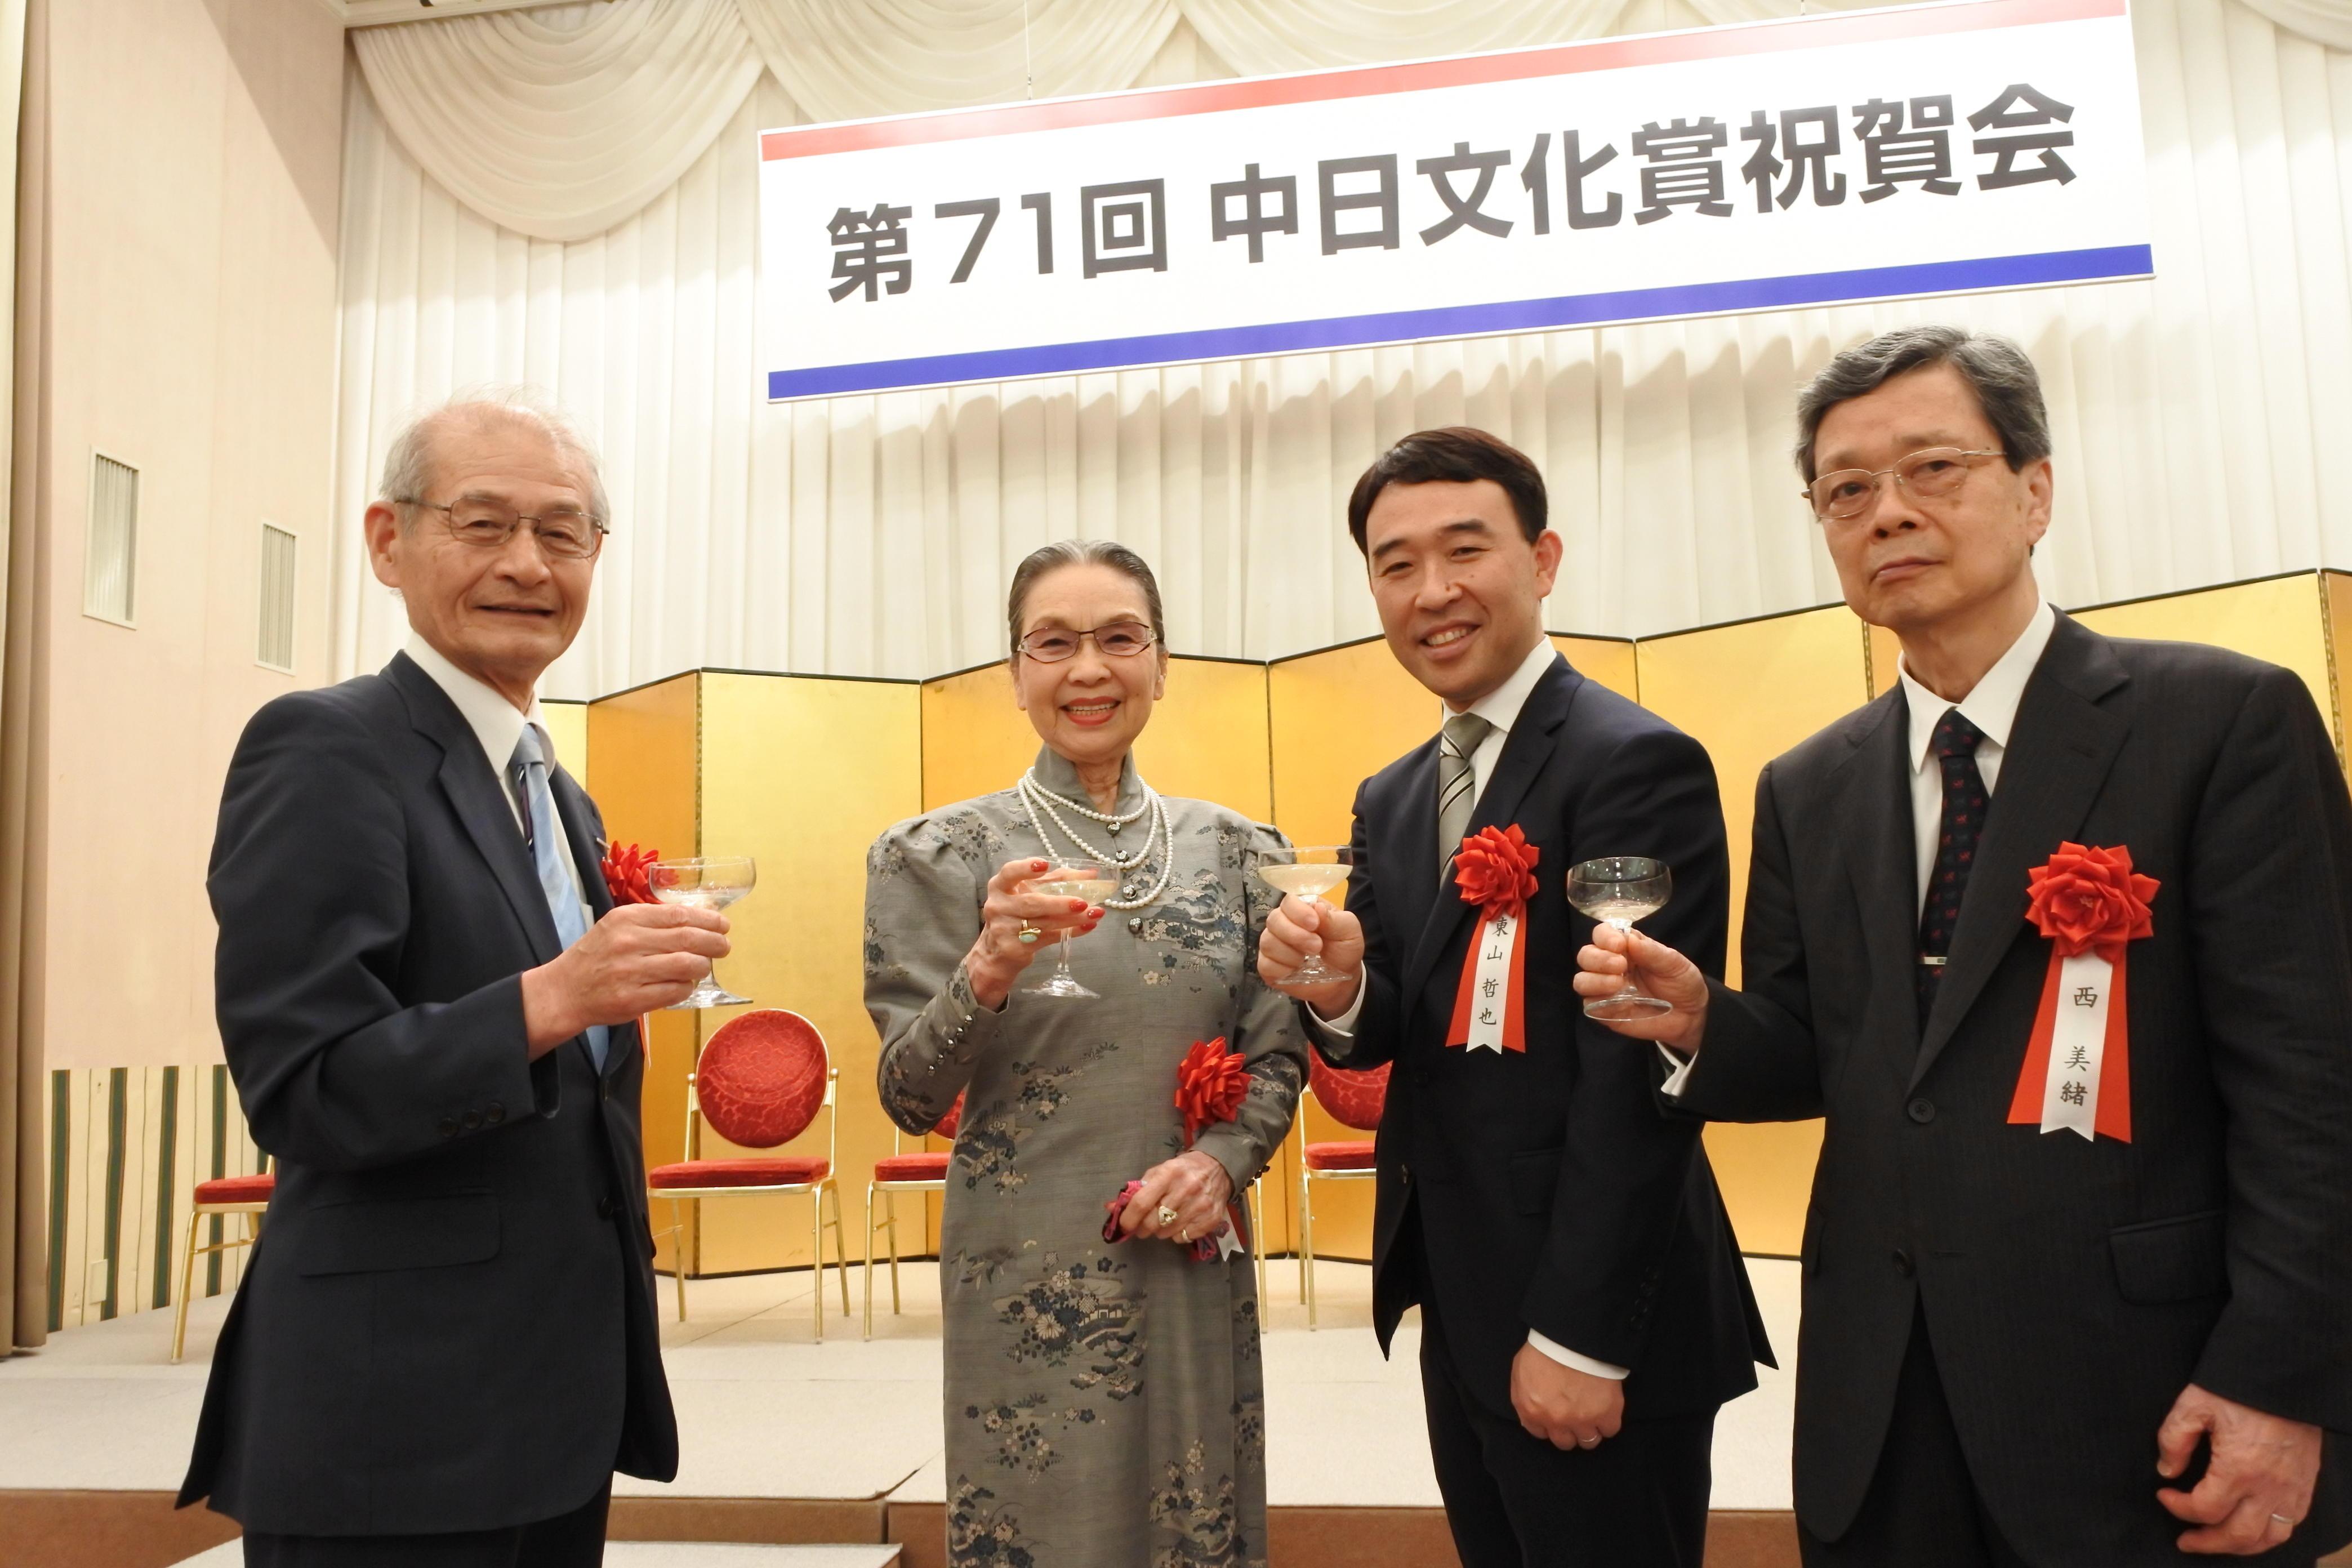 他の受賞者と乾杯する吉野教授(左端)、西さん(右端)